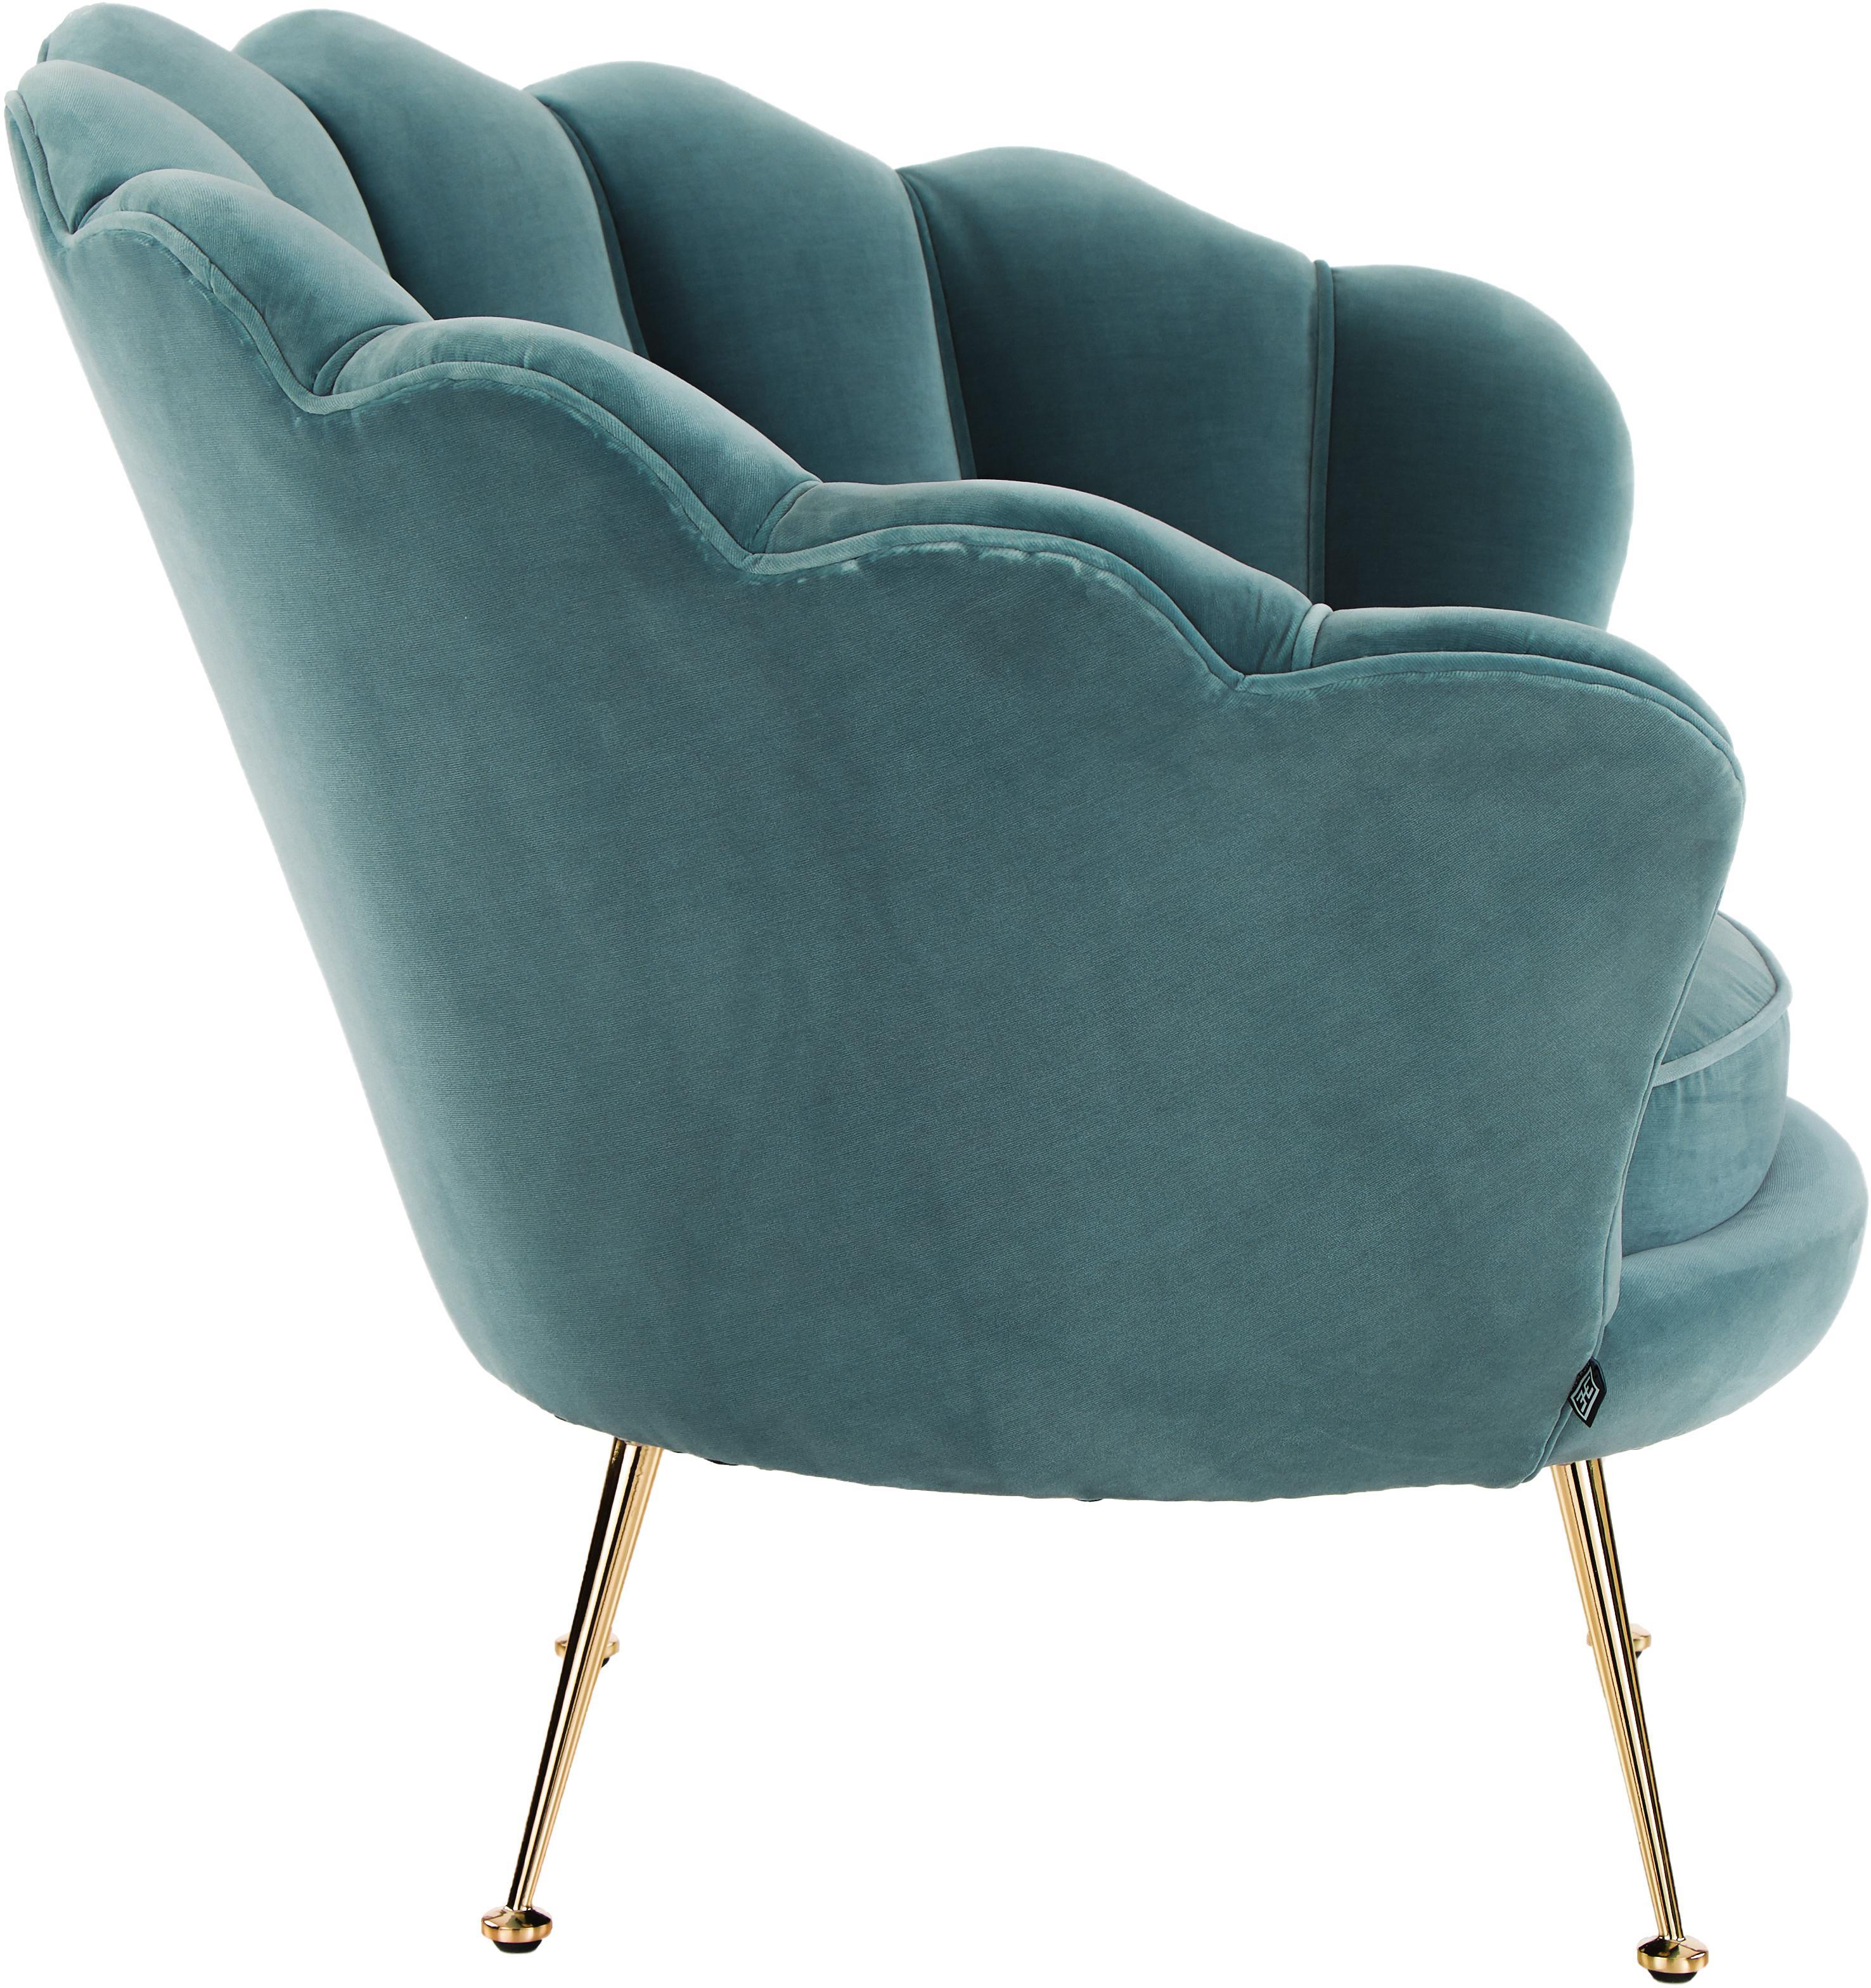 Fluwelen fauteuil Trapezium in turquoise, Bekleding: 95% polyester, 5% katoen , Poten: gecoat metaal, Fluweel turquoise, B 97 x D 79 cm